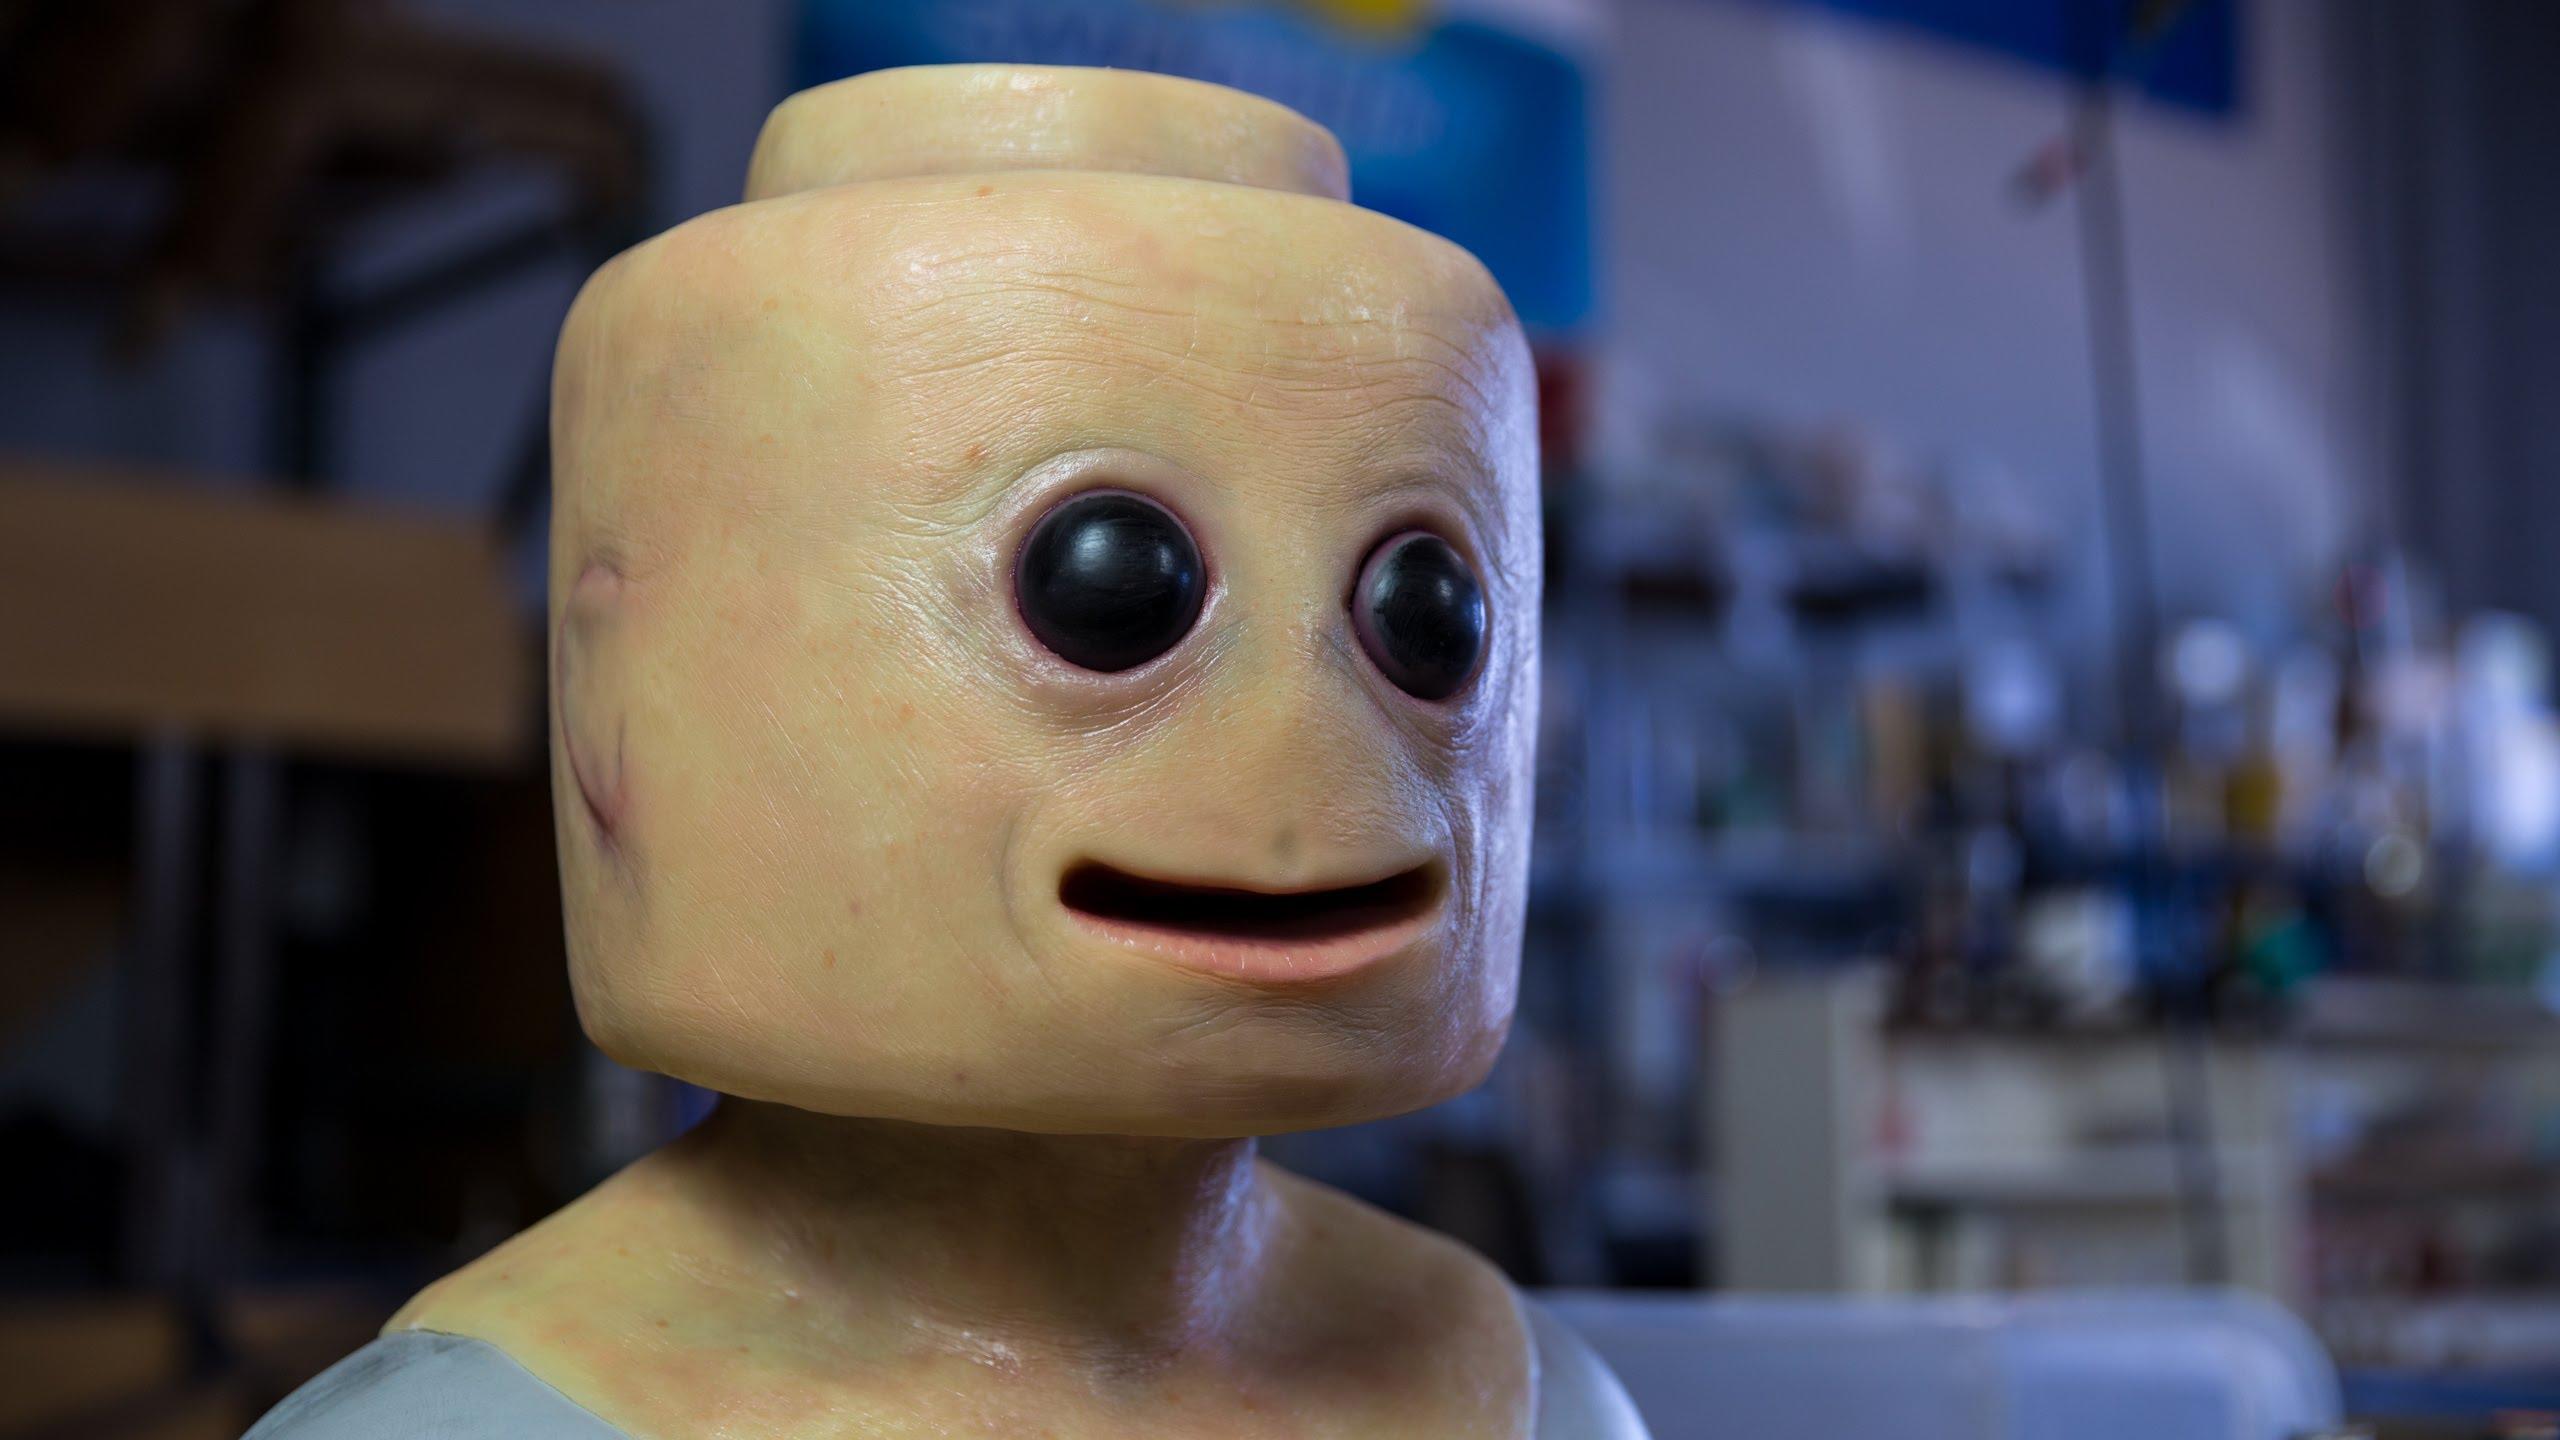 Die menschliche Version einer LEGO-Figur besucht die SDCC 2016